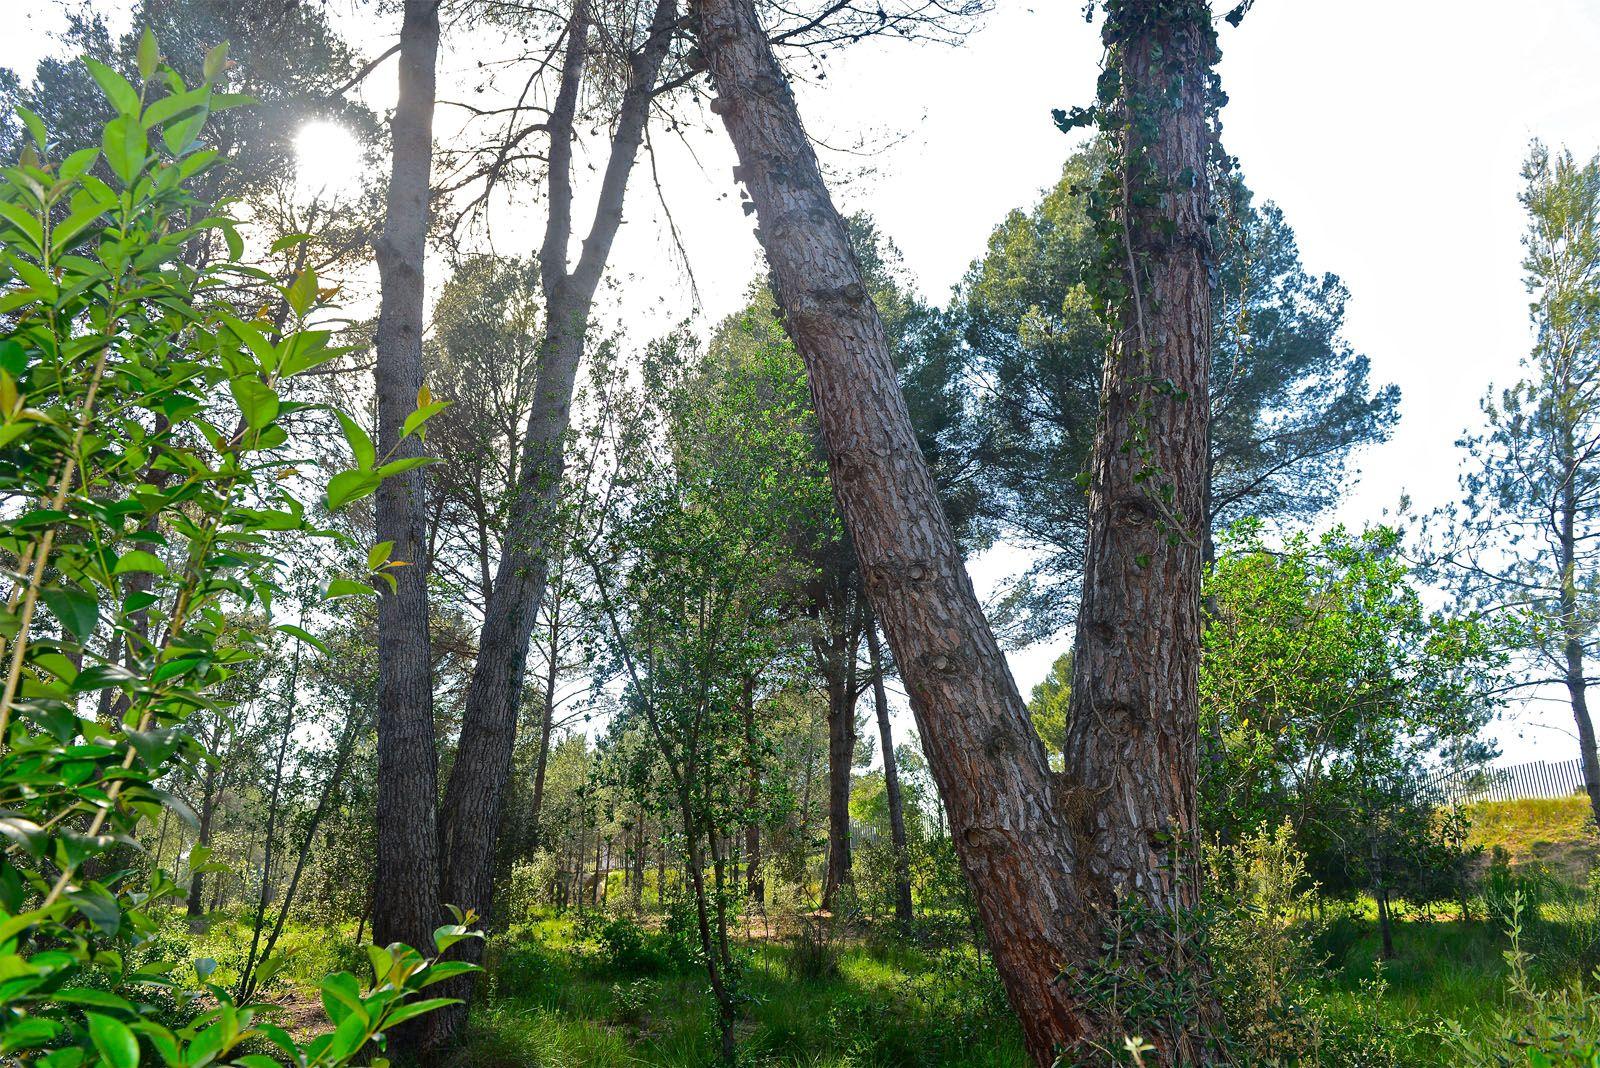 L'AMB i l'Ajuntament estan treballant per potenciar els usos del bosc